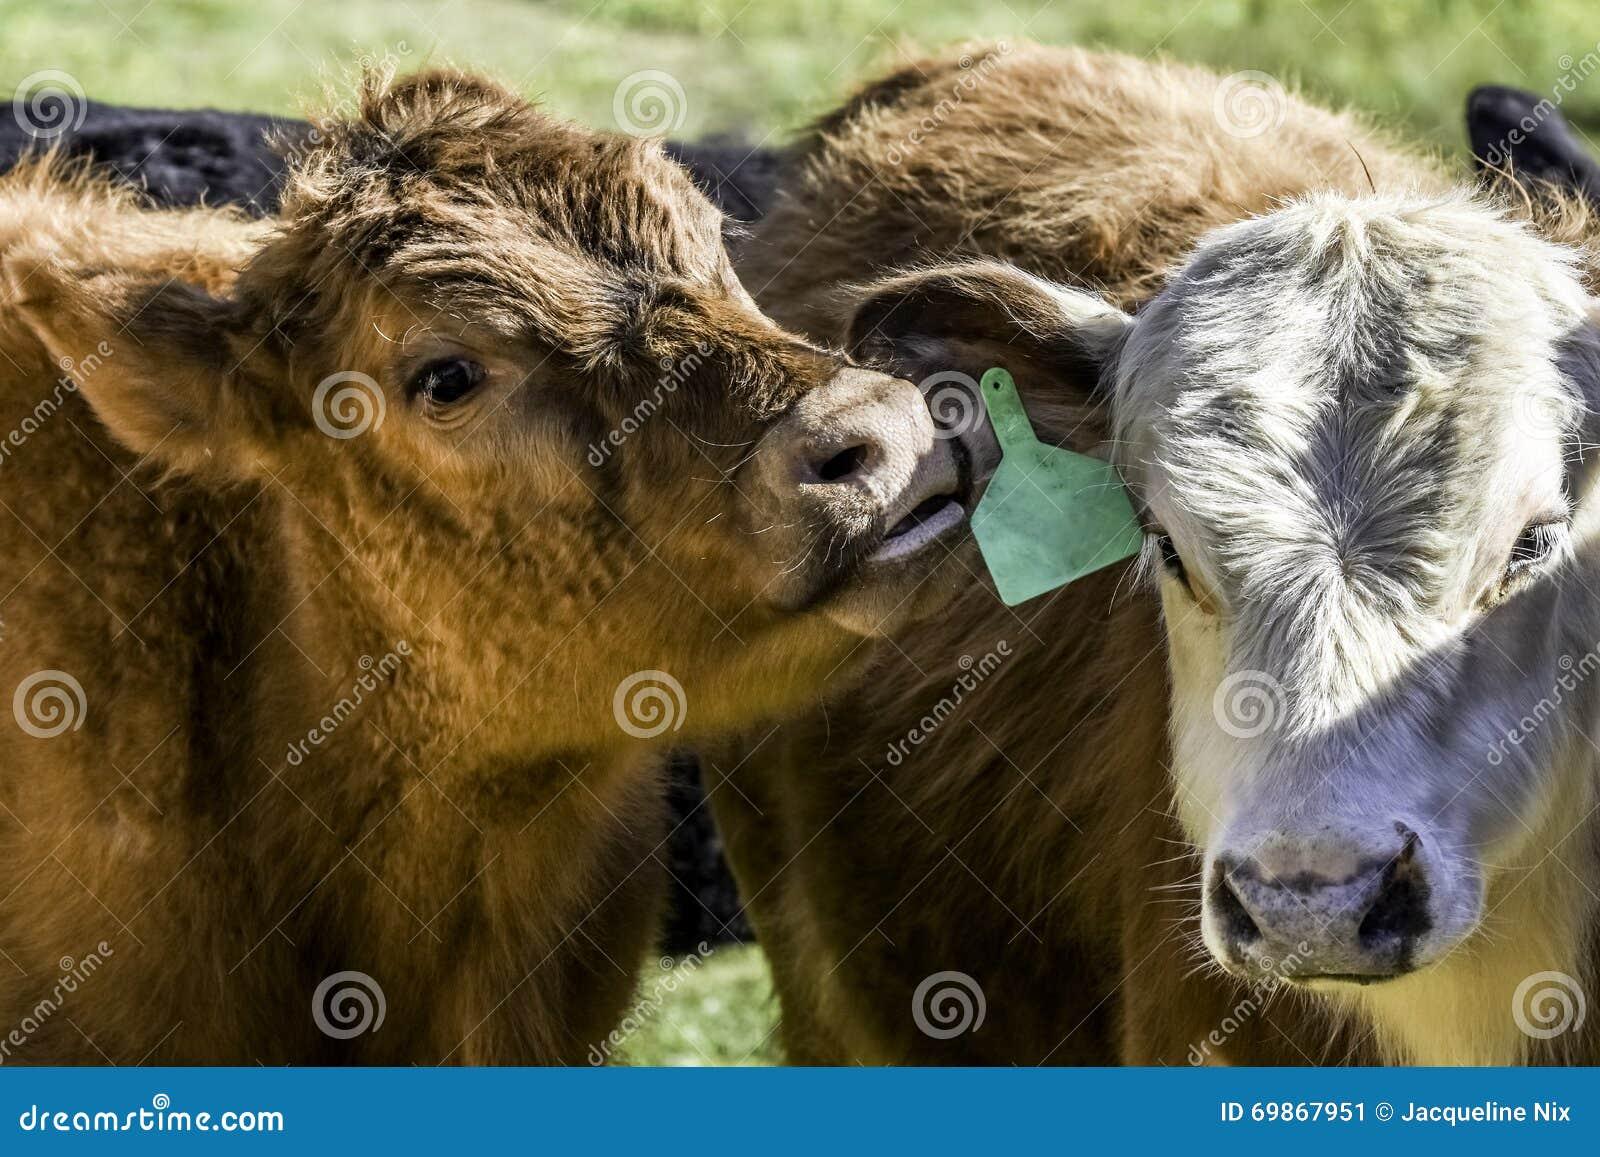 Vitello rosso che fruga l orecchio di un altro vitello